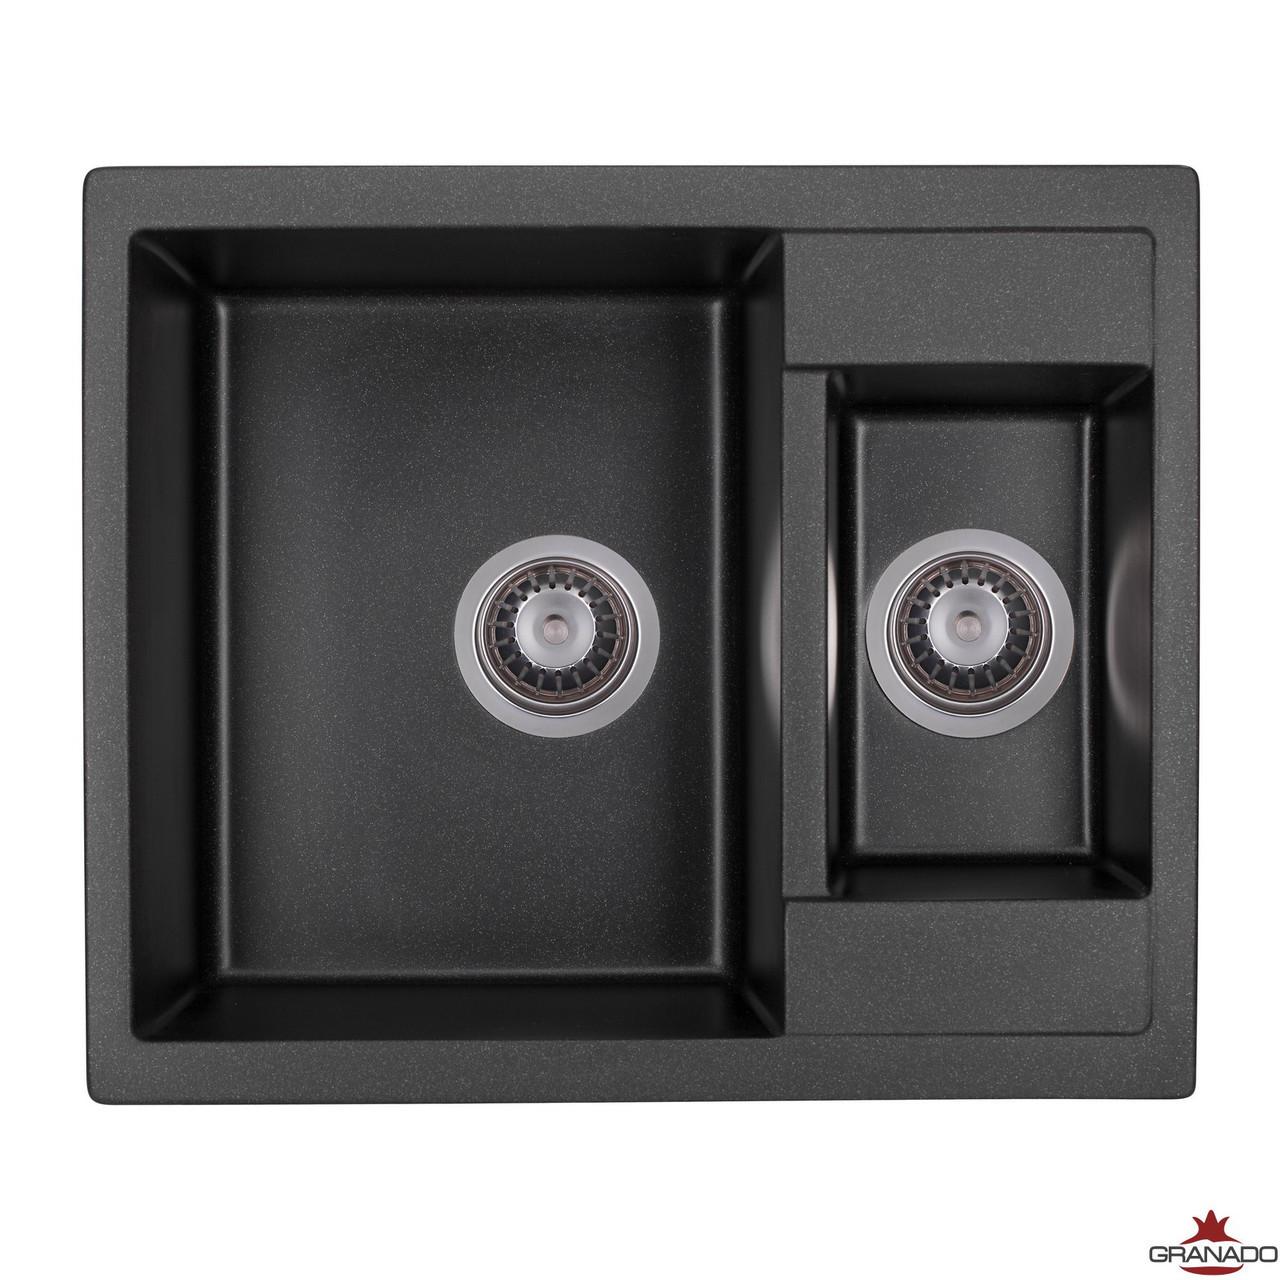 Гранитная кухонная мойка GRANADO SAMORA BLACK SHINE черная